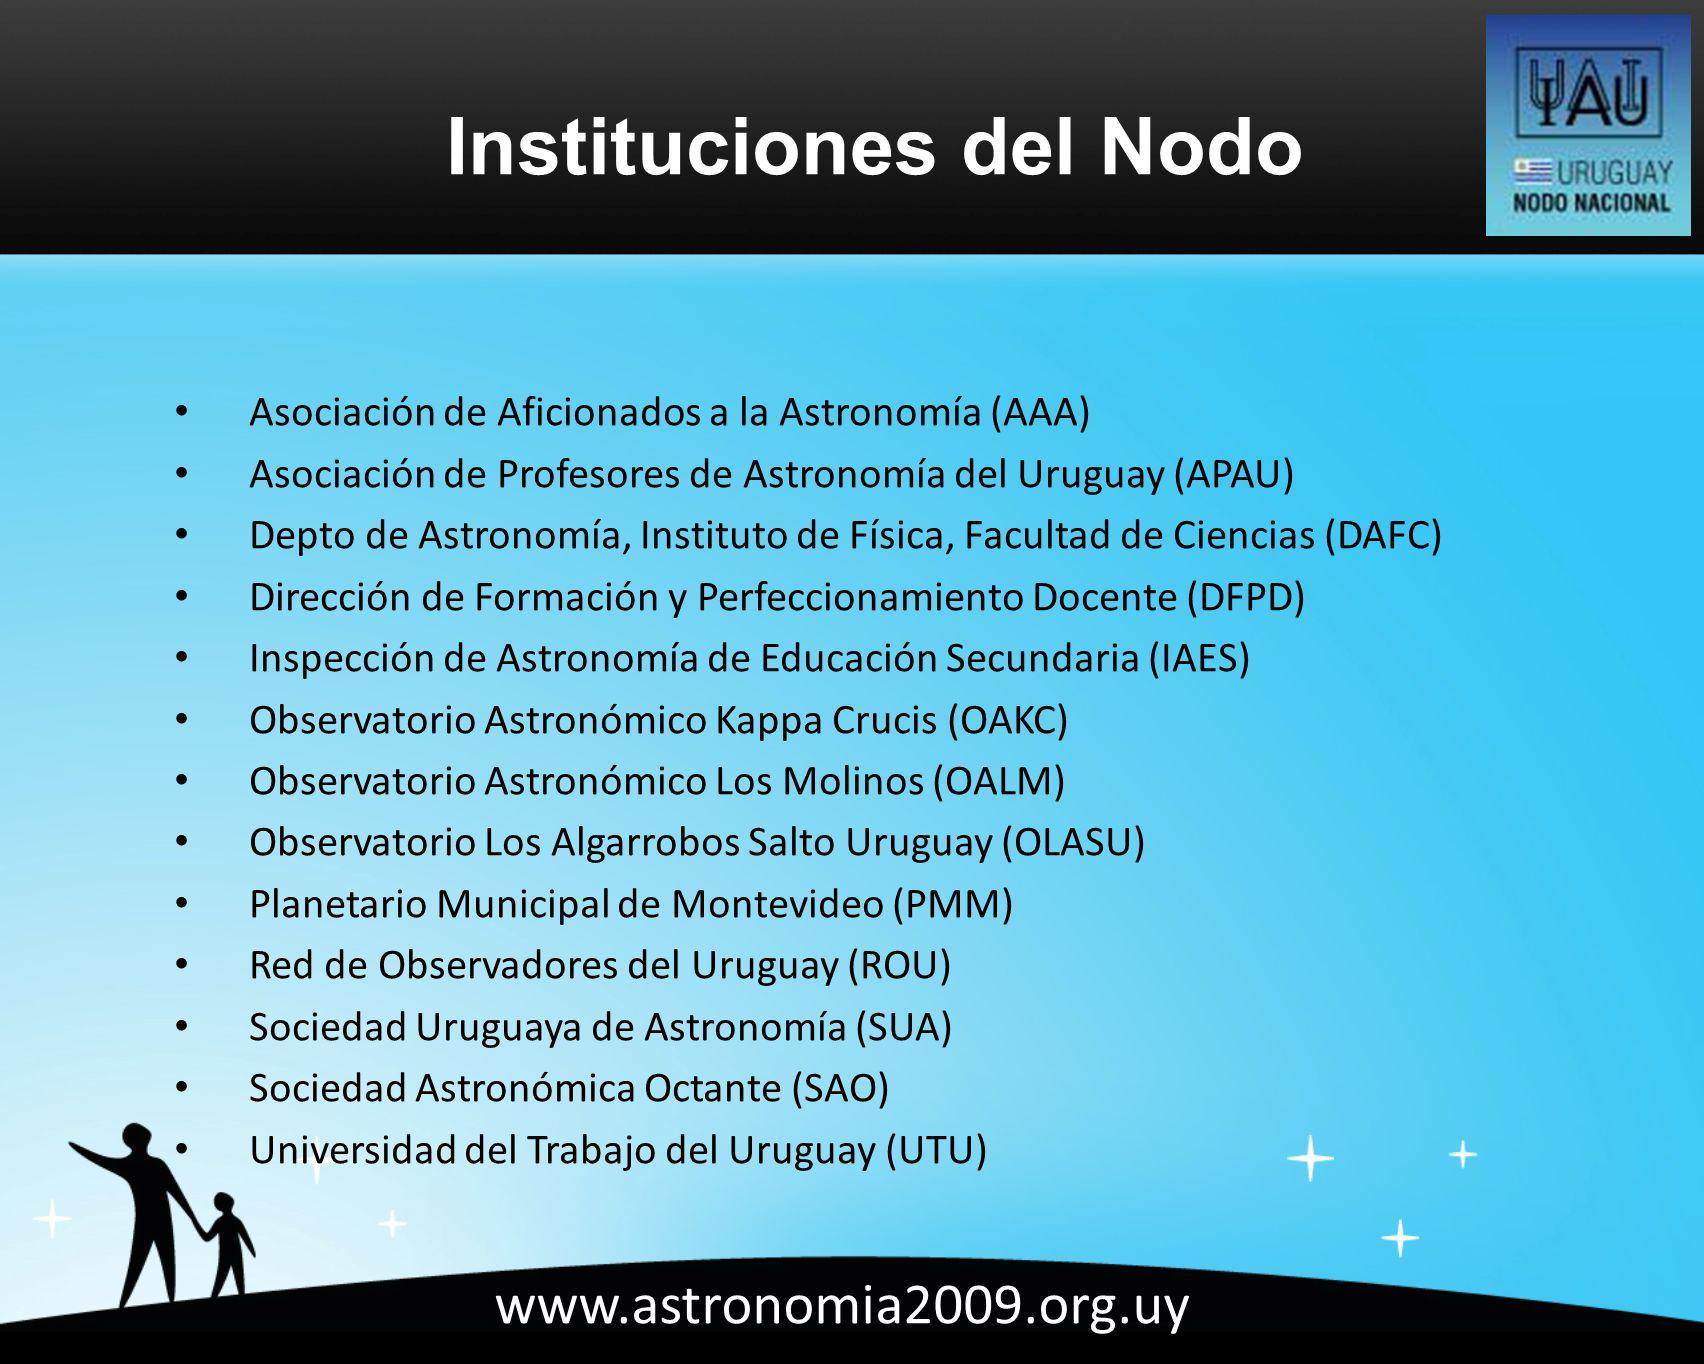 www.astronomia2009.org.uy Asociación de Aficionados a la Astronomía (AAA) Asociación de Profesores de Astronomía del Uruguay (APAU) Depto de Astronomía, Instituto de Física, Facultad de Ciencias (DAFC) Dirección de Formación y Perfeccionamiento Docente (DFPD) Inspección de Astronomía de Educación Secundaria (IAES) Observatorio Astronómico Kappa Crucis (OAKC) Observatorio Astronómico Los Molinos (OALM) Observatorio Los Algarrobos Salto Uruguay (OLASU) Planetario Municipal de Montevideo (PMM) Red de Observadores del Uruguay (ROU) Sociedad Uruguaya de Astronomía (SUA) Sociedad Astronómica Octante (SAO) Universidad del Trabajo del Uruguay (UTU) Instituciones del Nodo